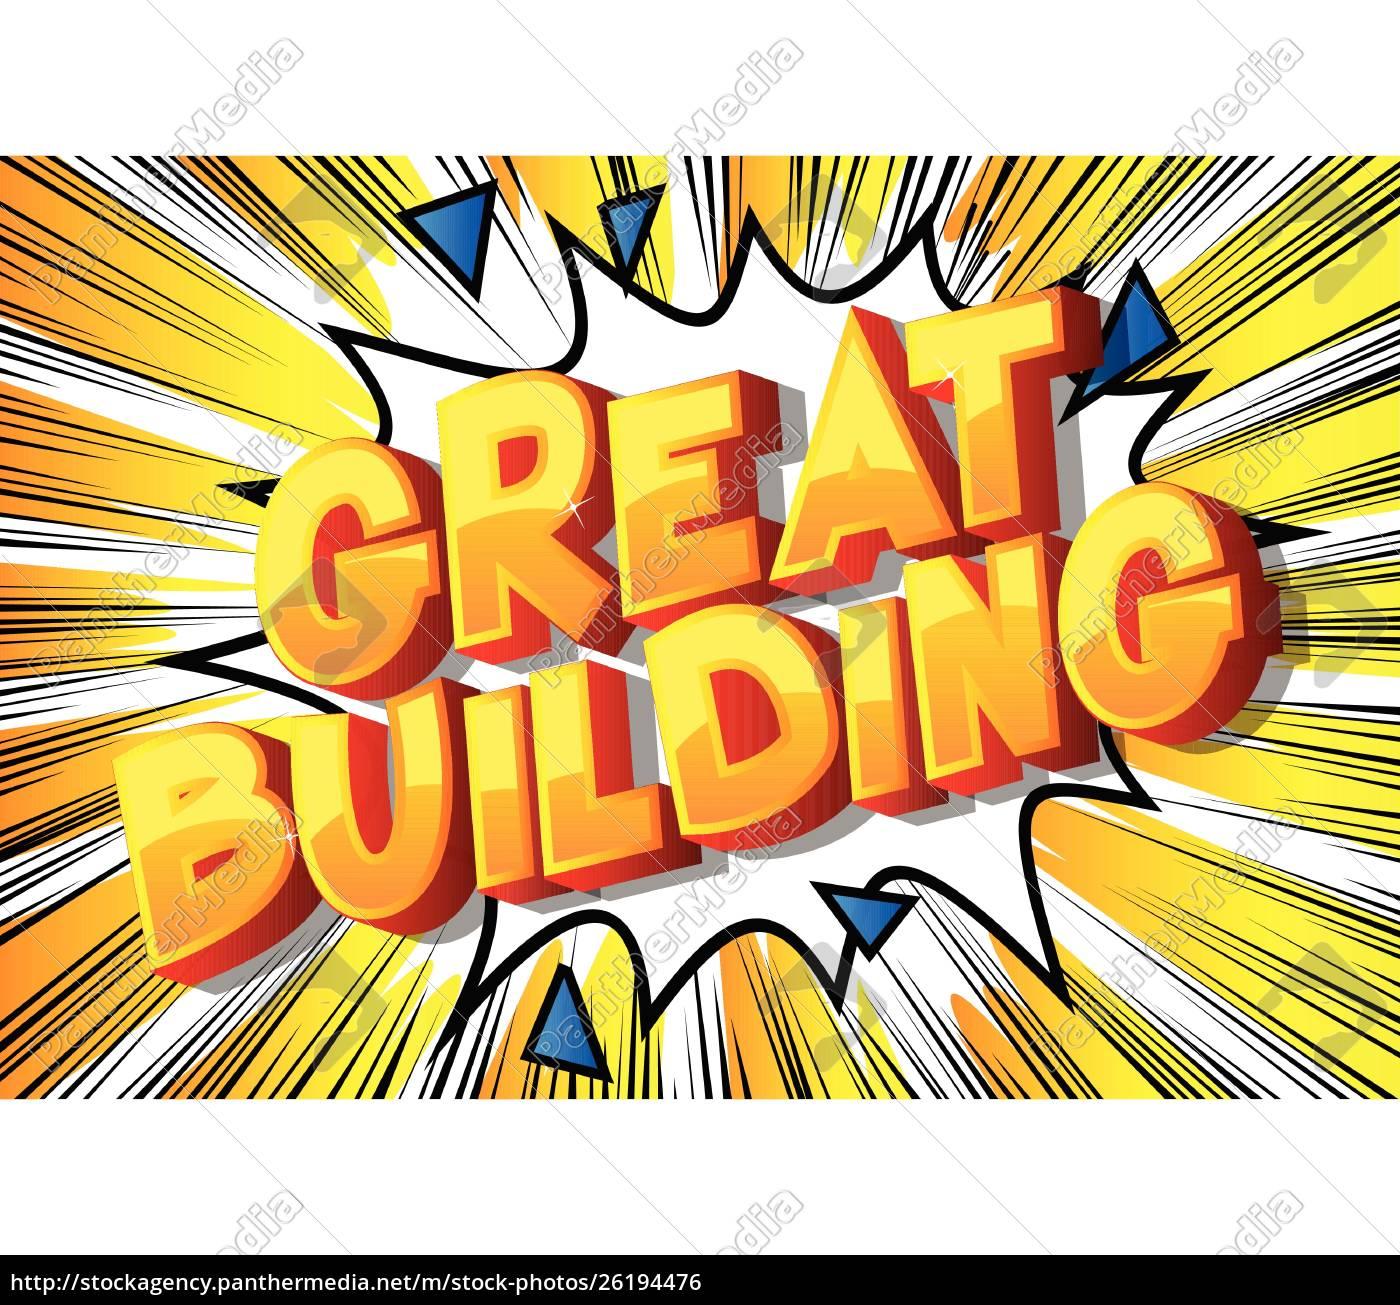 grande, edifício-palavras, da, banda, desenhada, do - 26194476